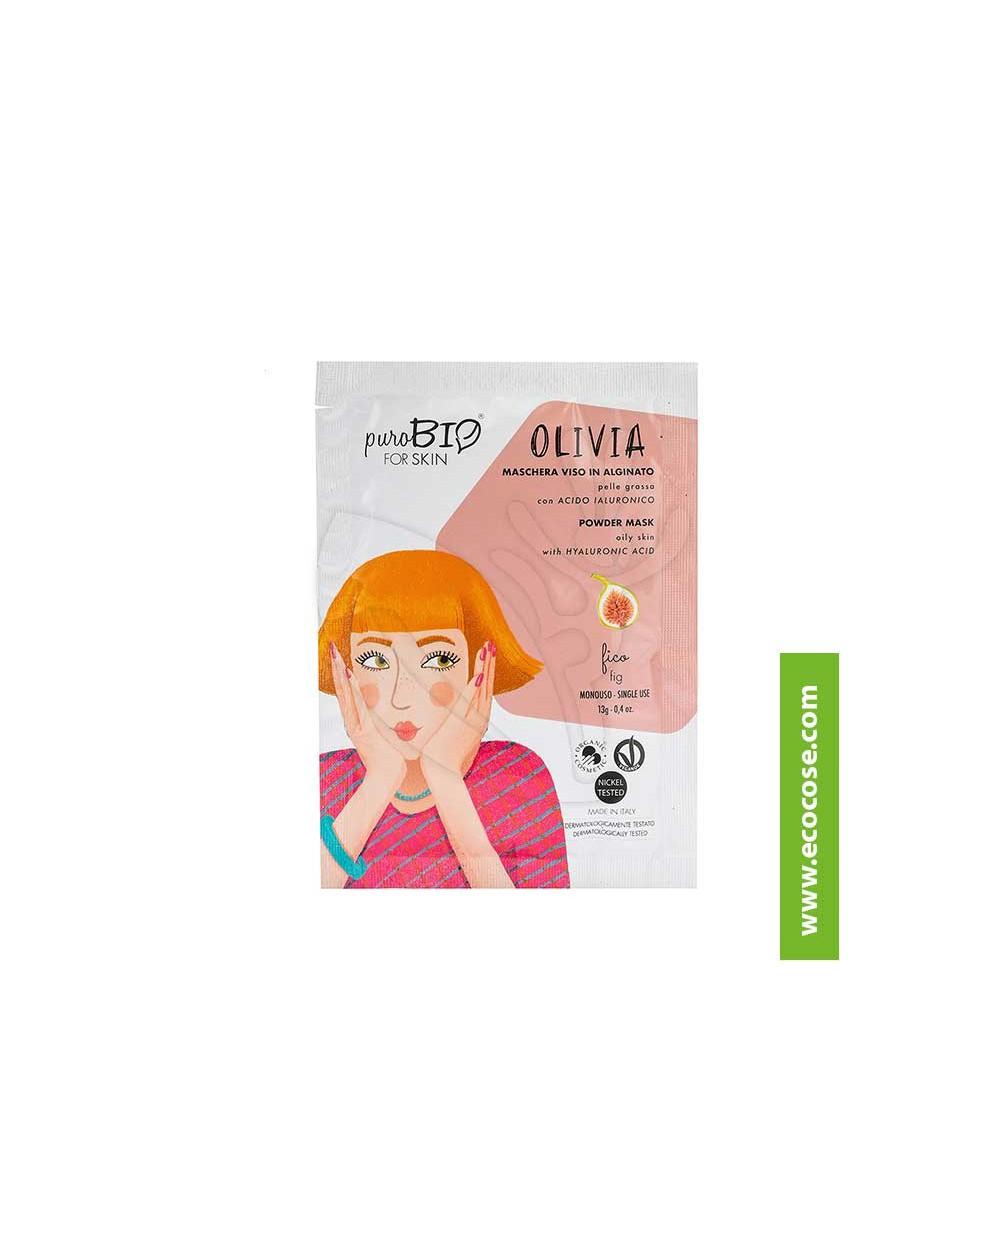 PuroBIO for skin - OLIVIA - Maschera viso in alginato - 11 Fico